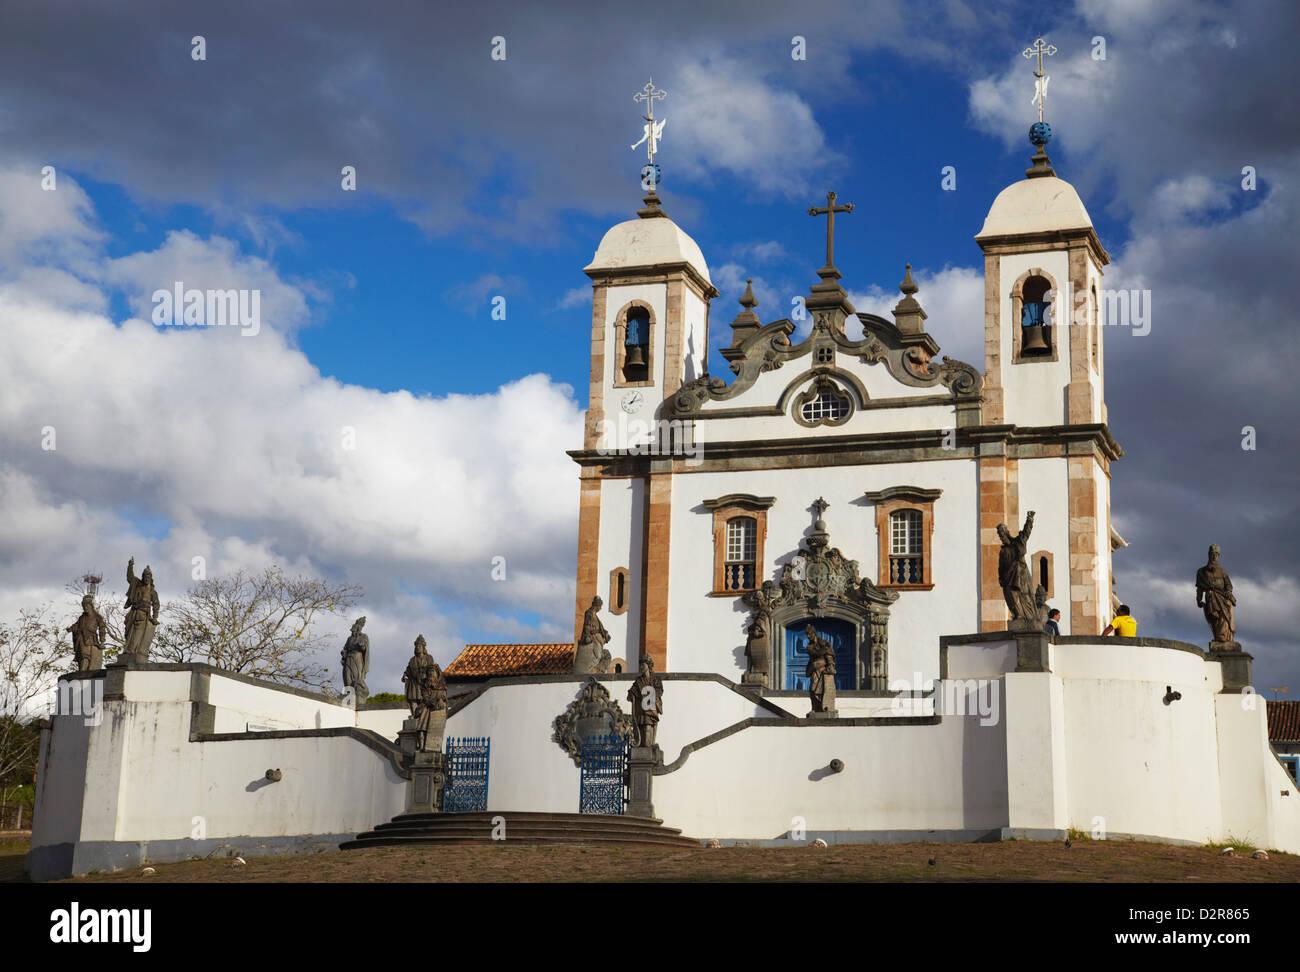 Sanctuary of Bom Jesus de Matosinhos and The Prophets sculpture by Aleijadinho, Congonhas, Minas Gerais, Brazil - Stock Image